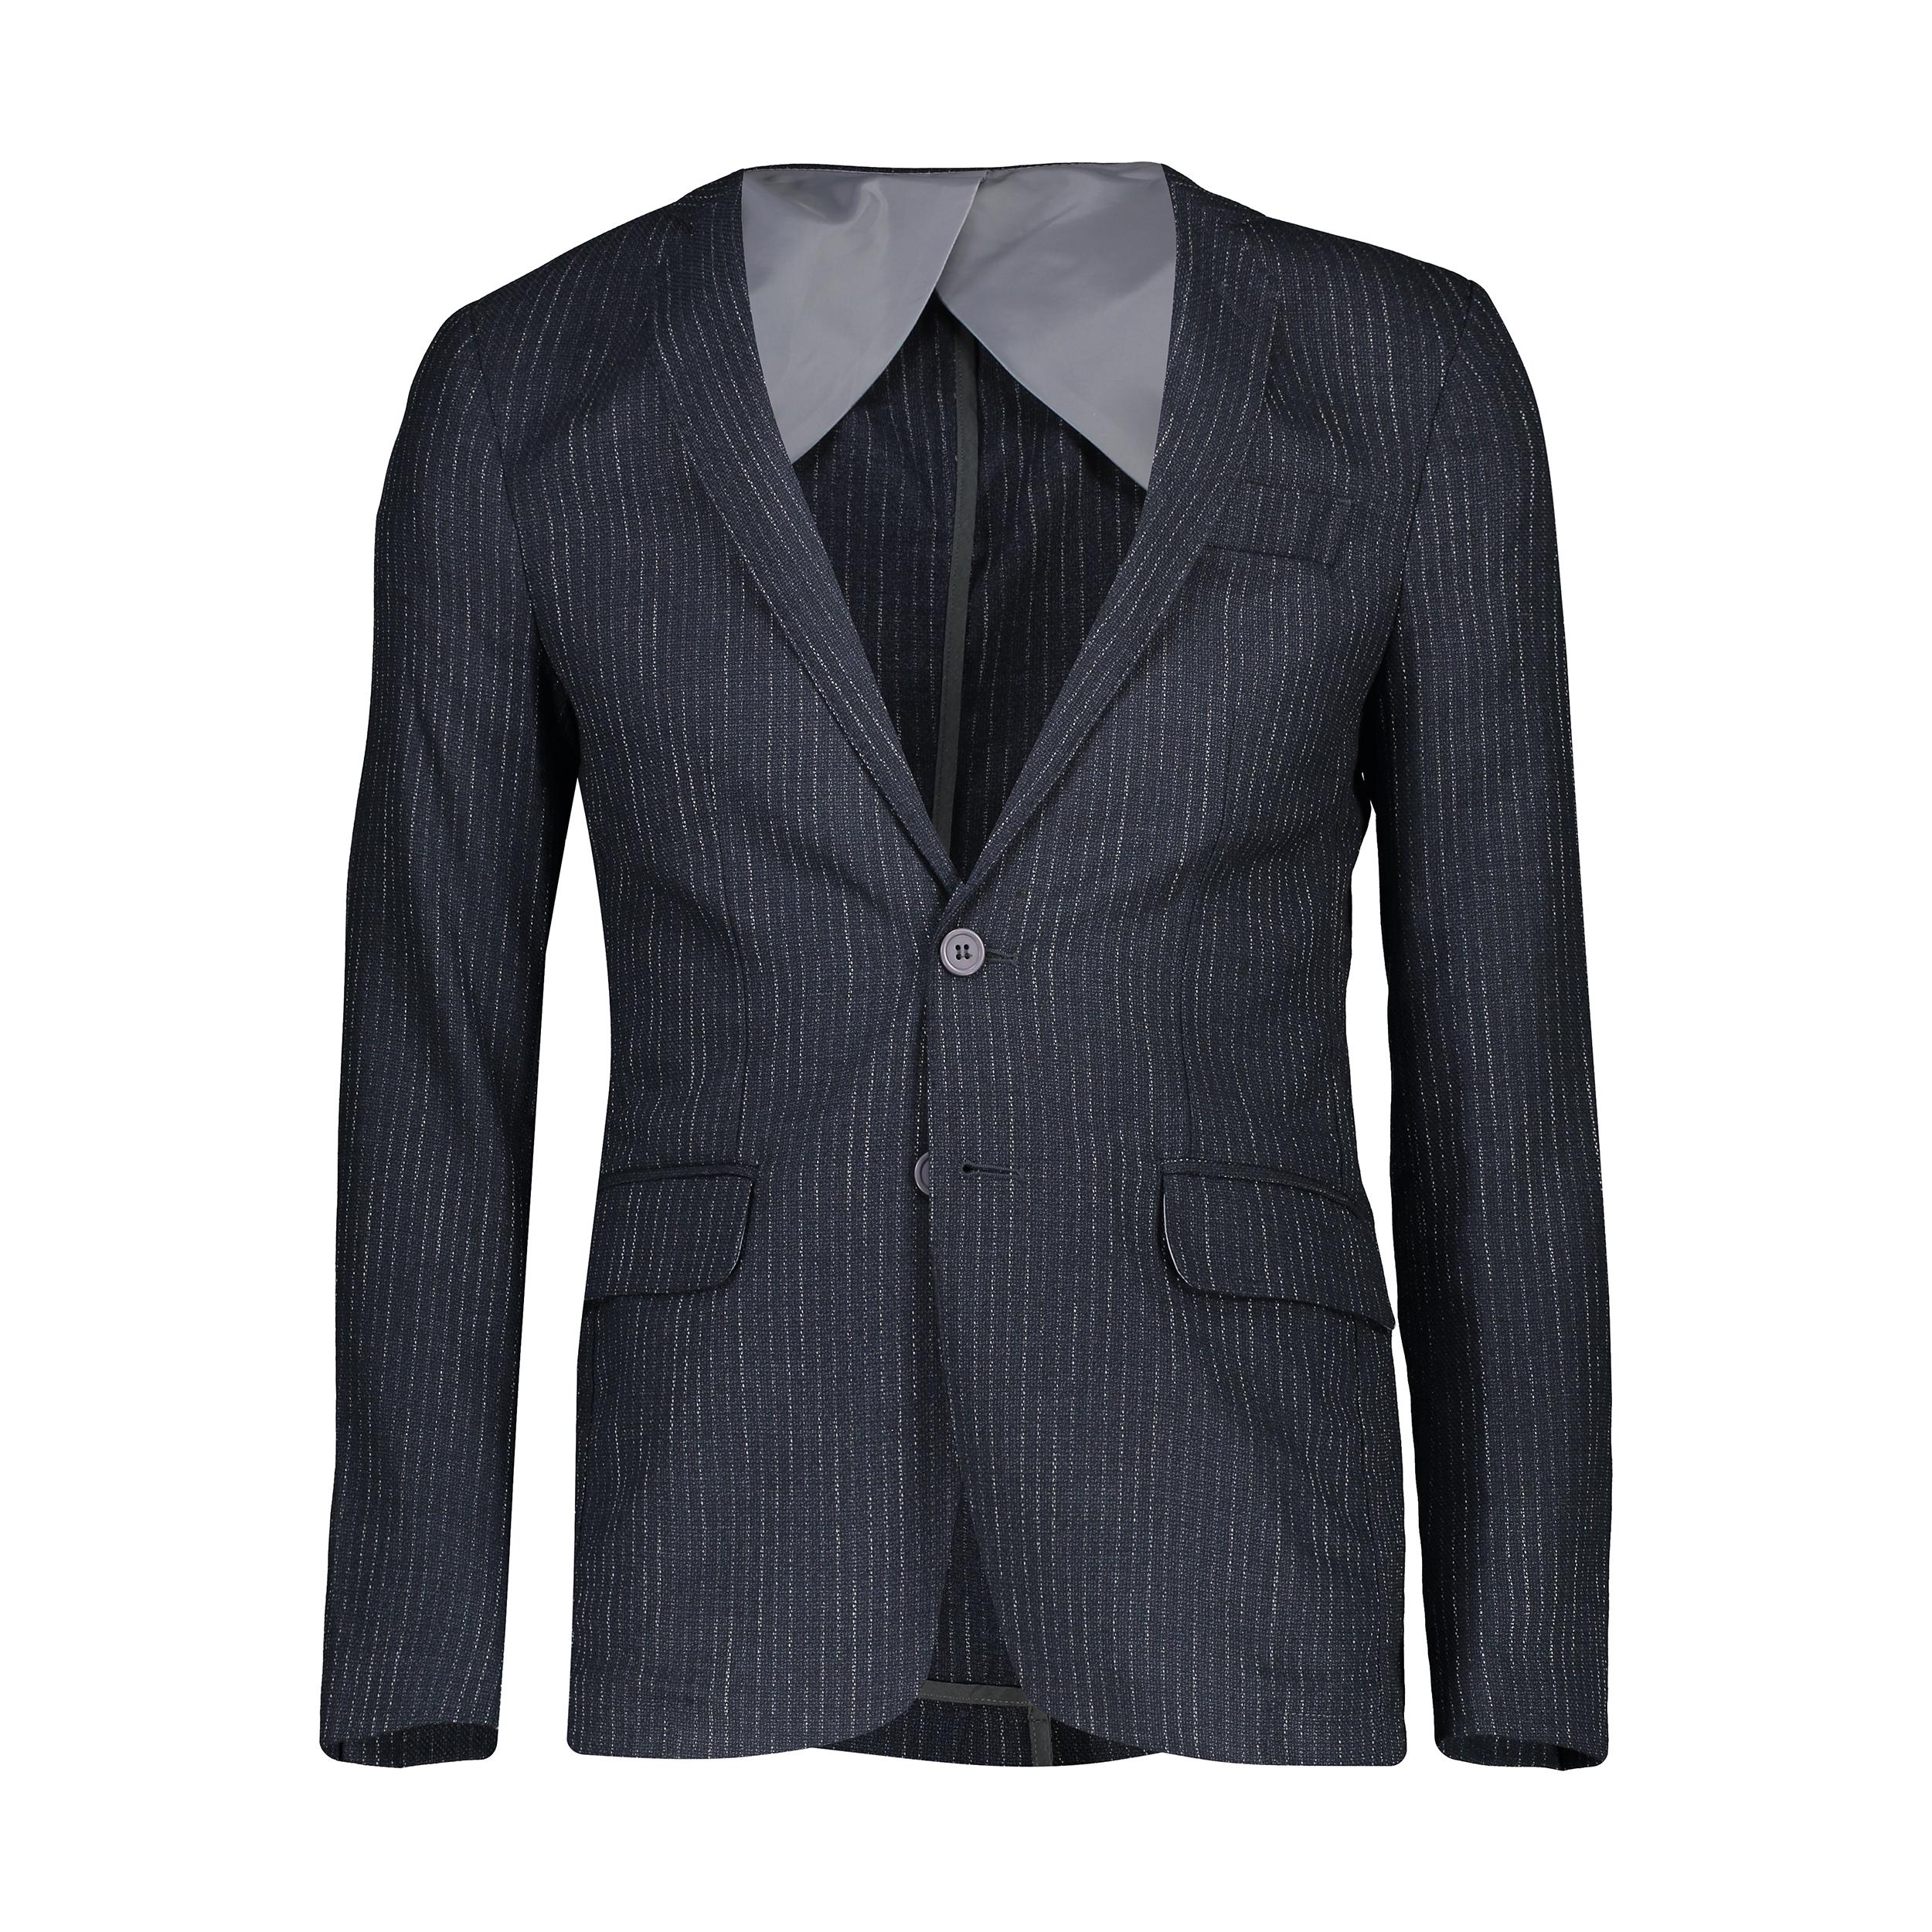 کت تک مردانه ادورا مدل 0215130  رنگ دودی